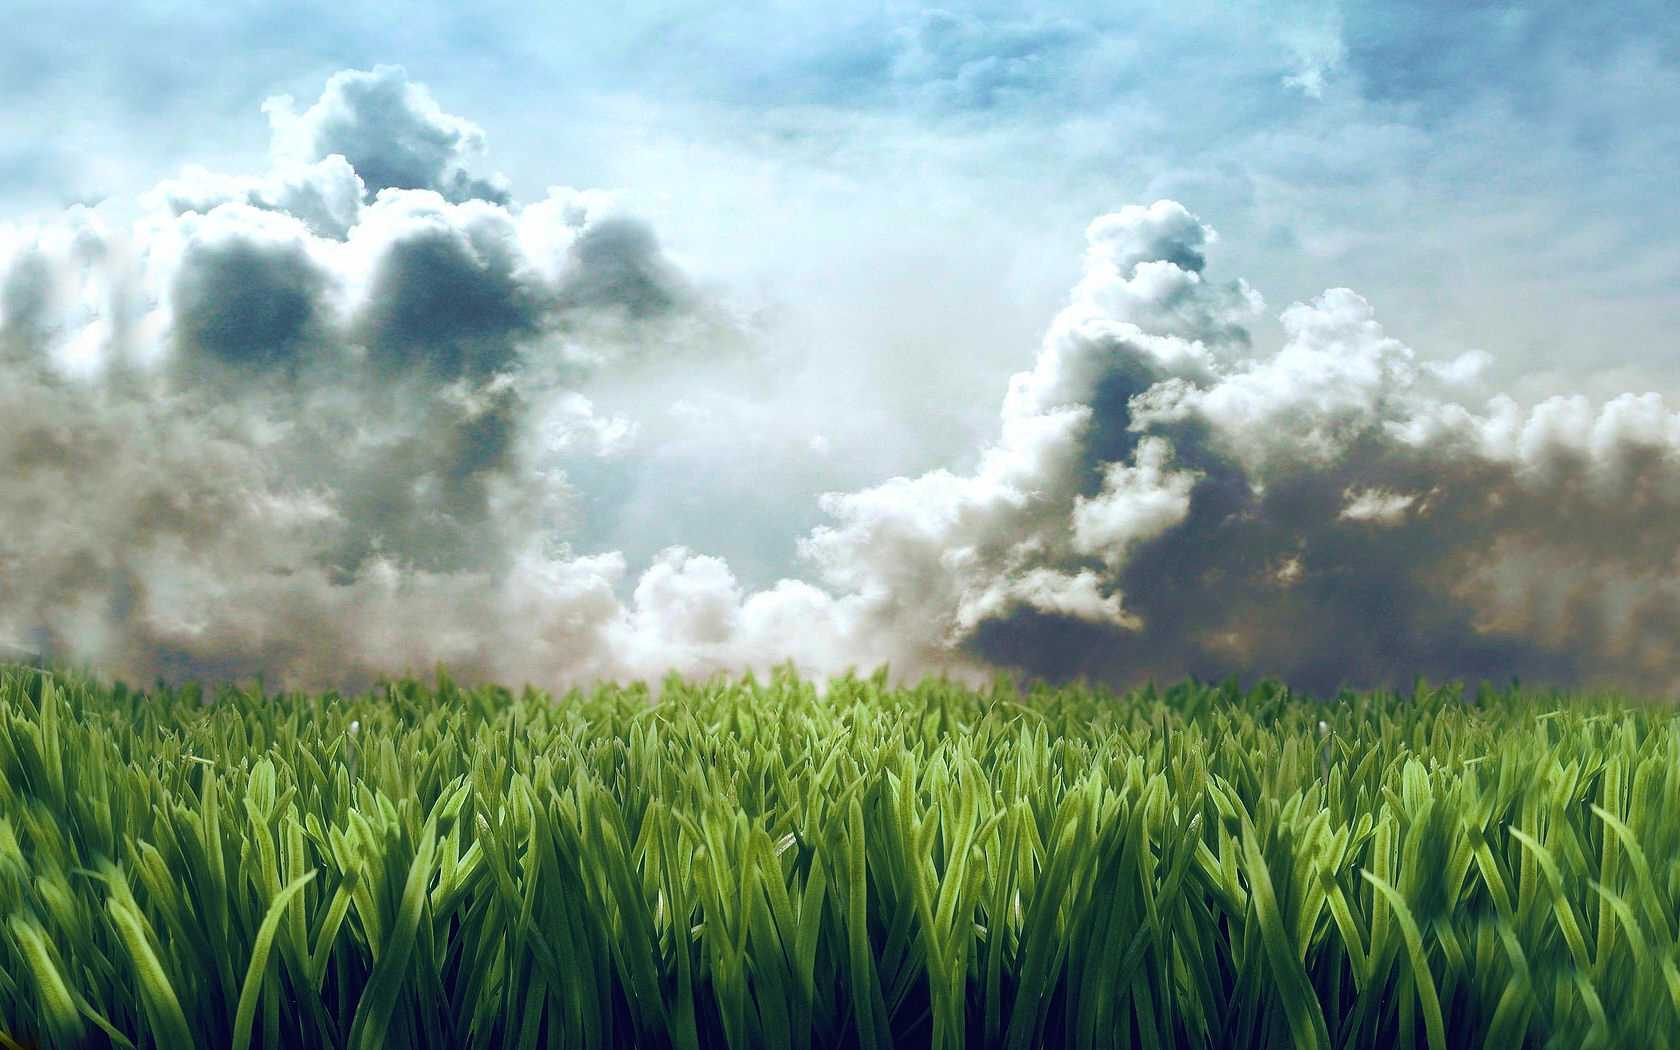 Best 3d Moving Wallpapers For Desktop Grass Wallpaper Clouds Hd Desktop Wallpapers 4k Hd